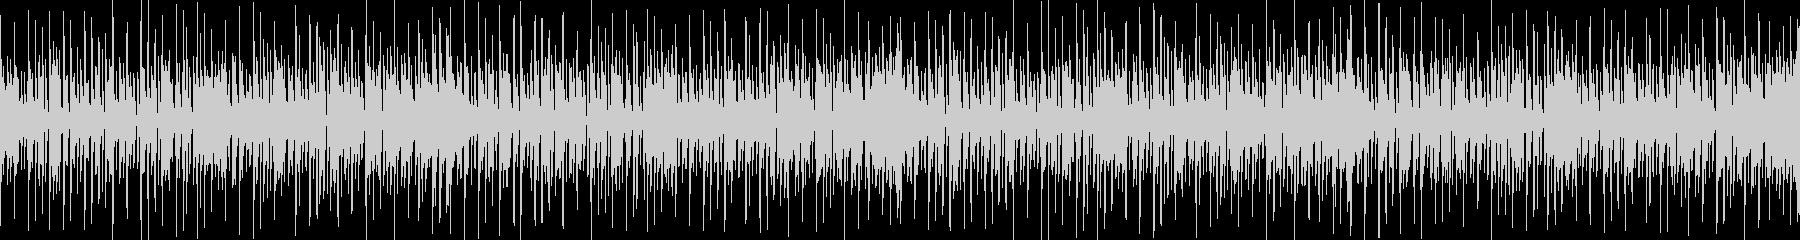 スラップベースとカッティングギターBGMの未再生の波形